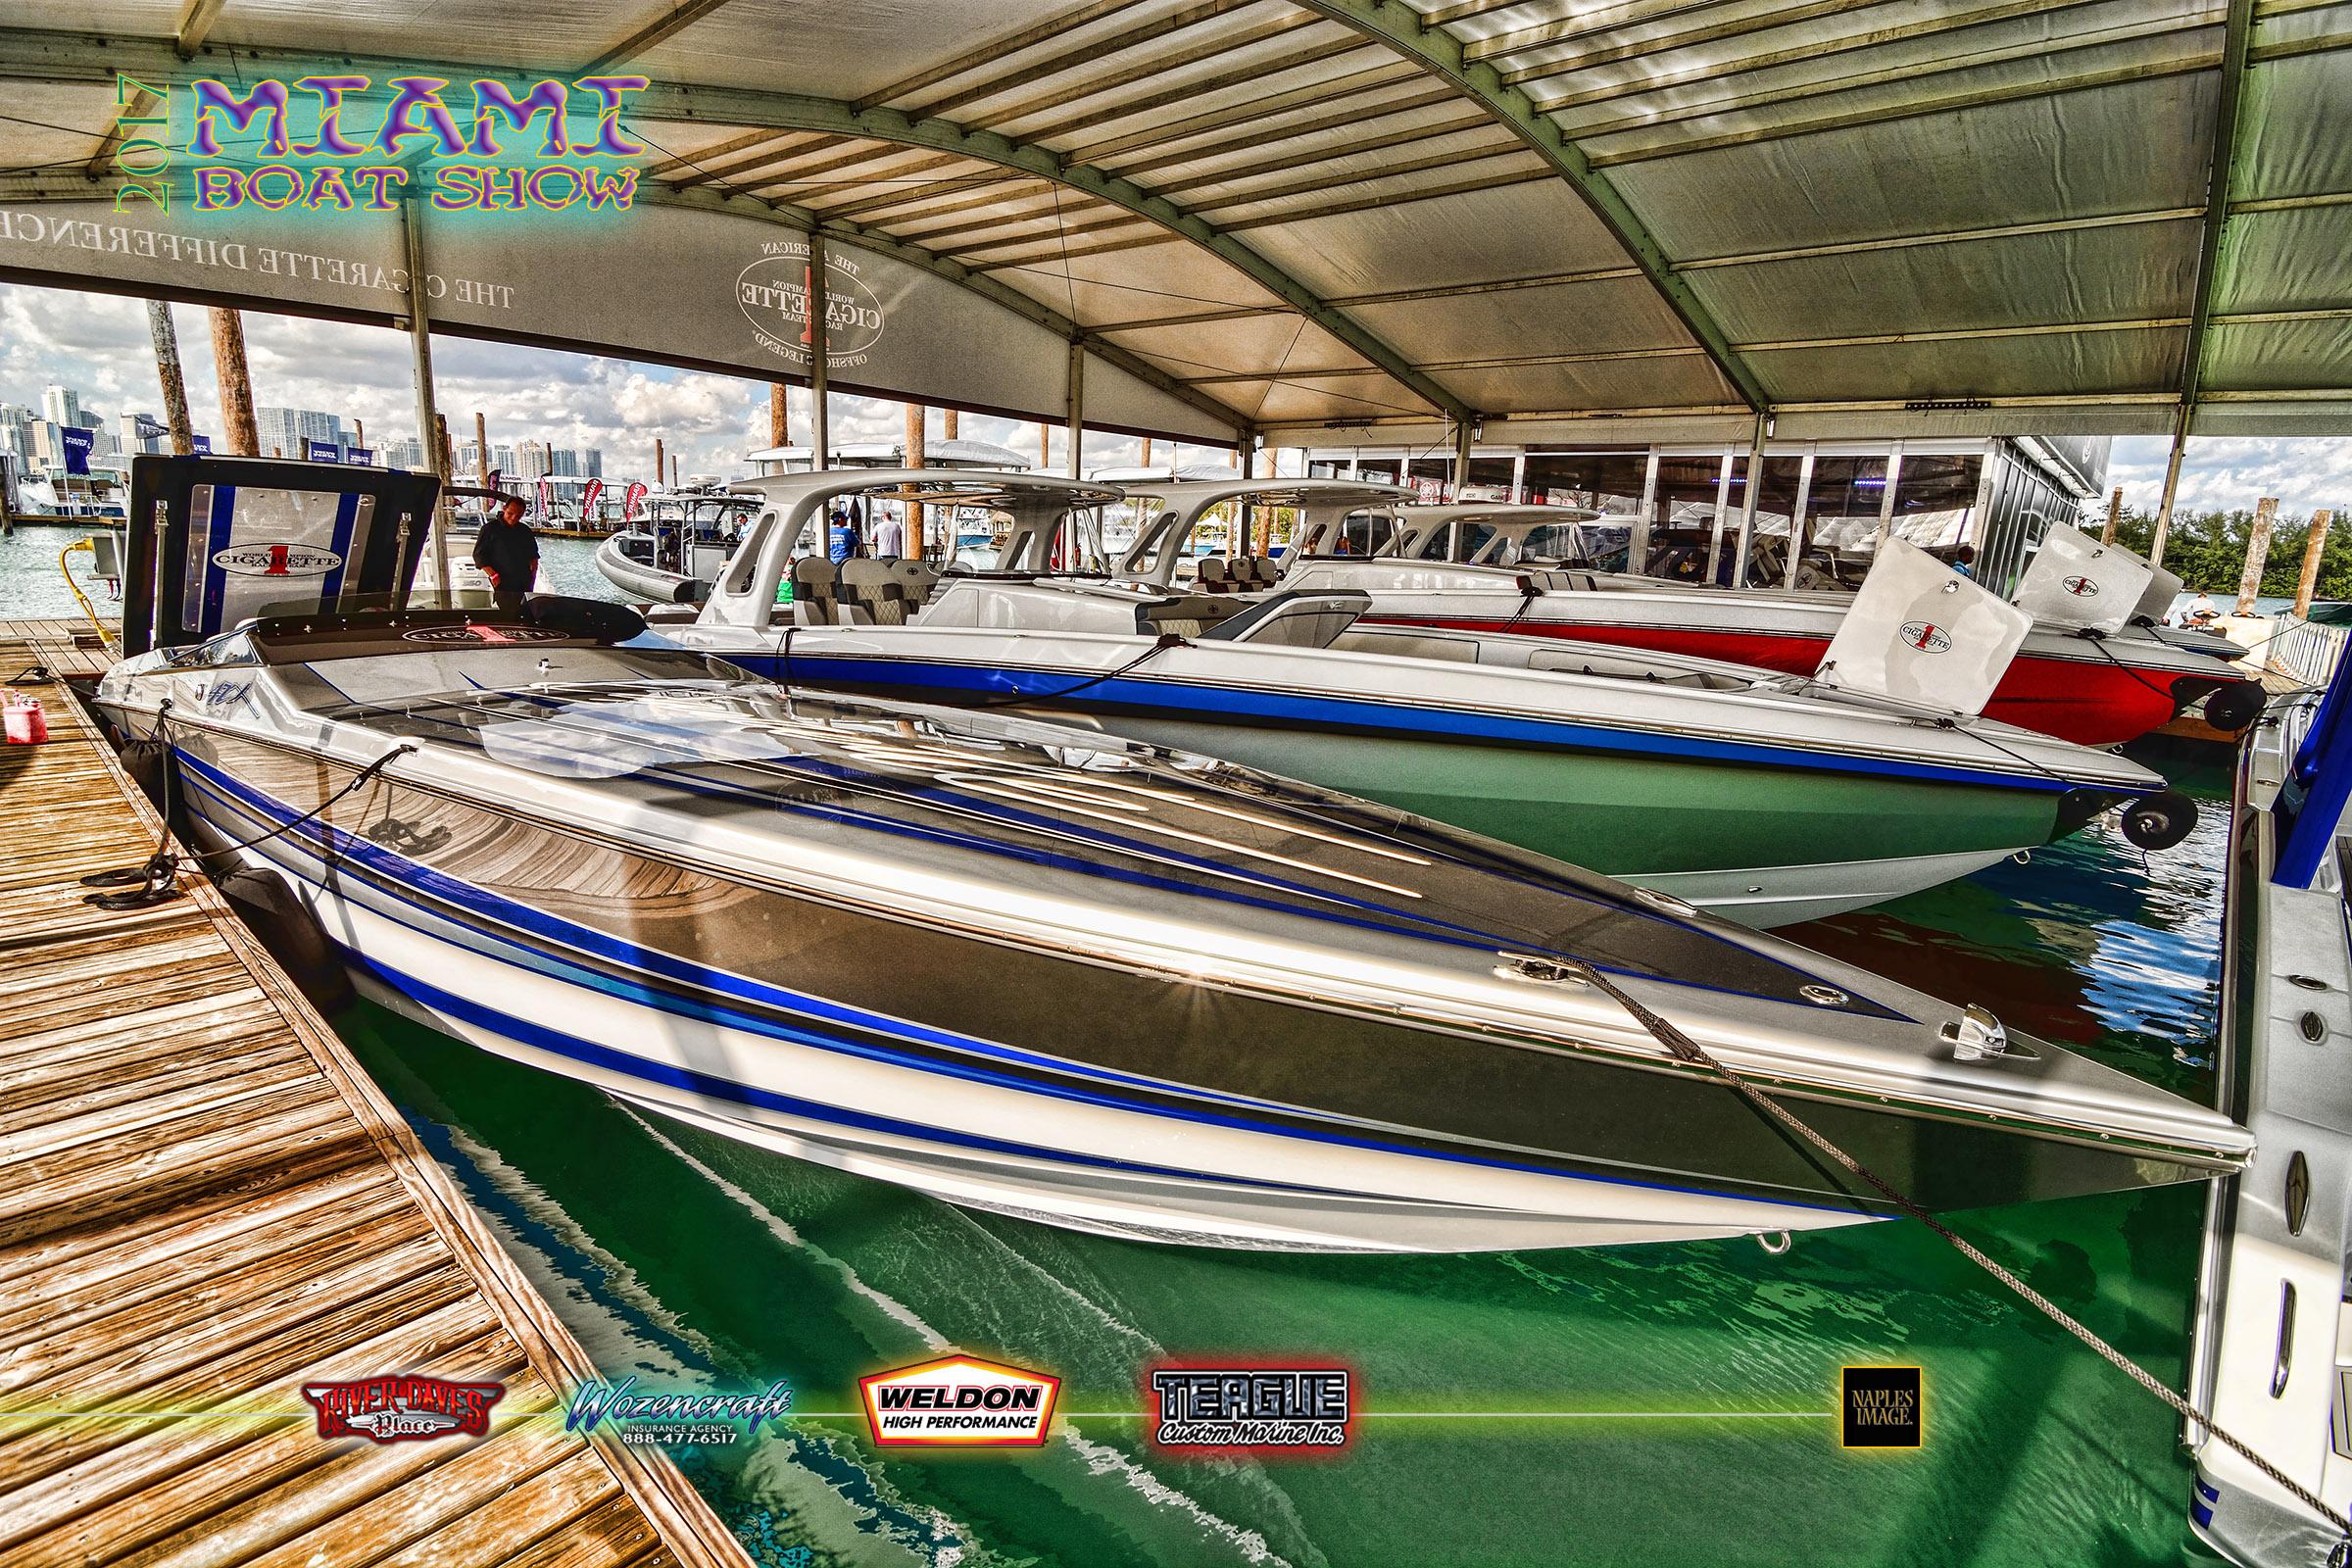 2017 miami boat show page 6 - Miami boat show ...